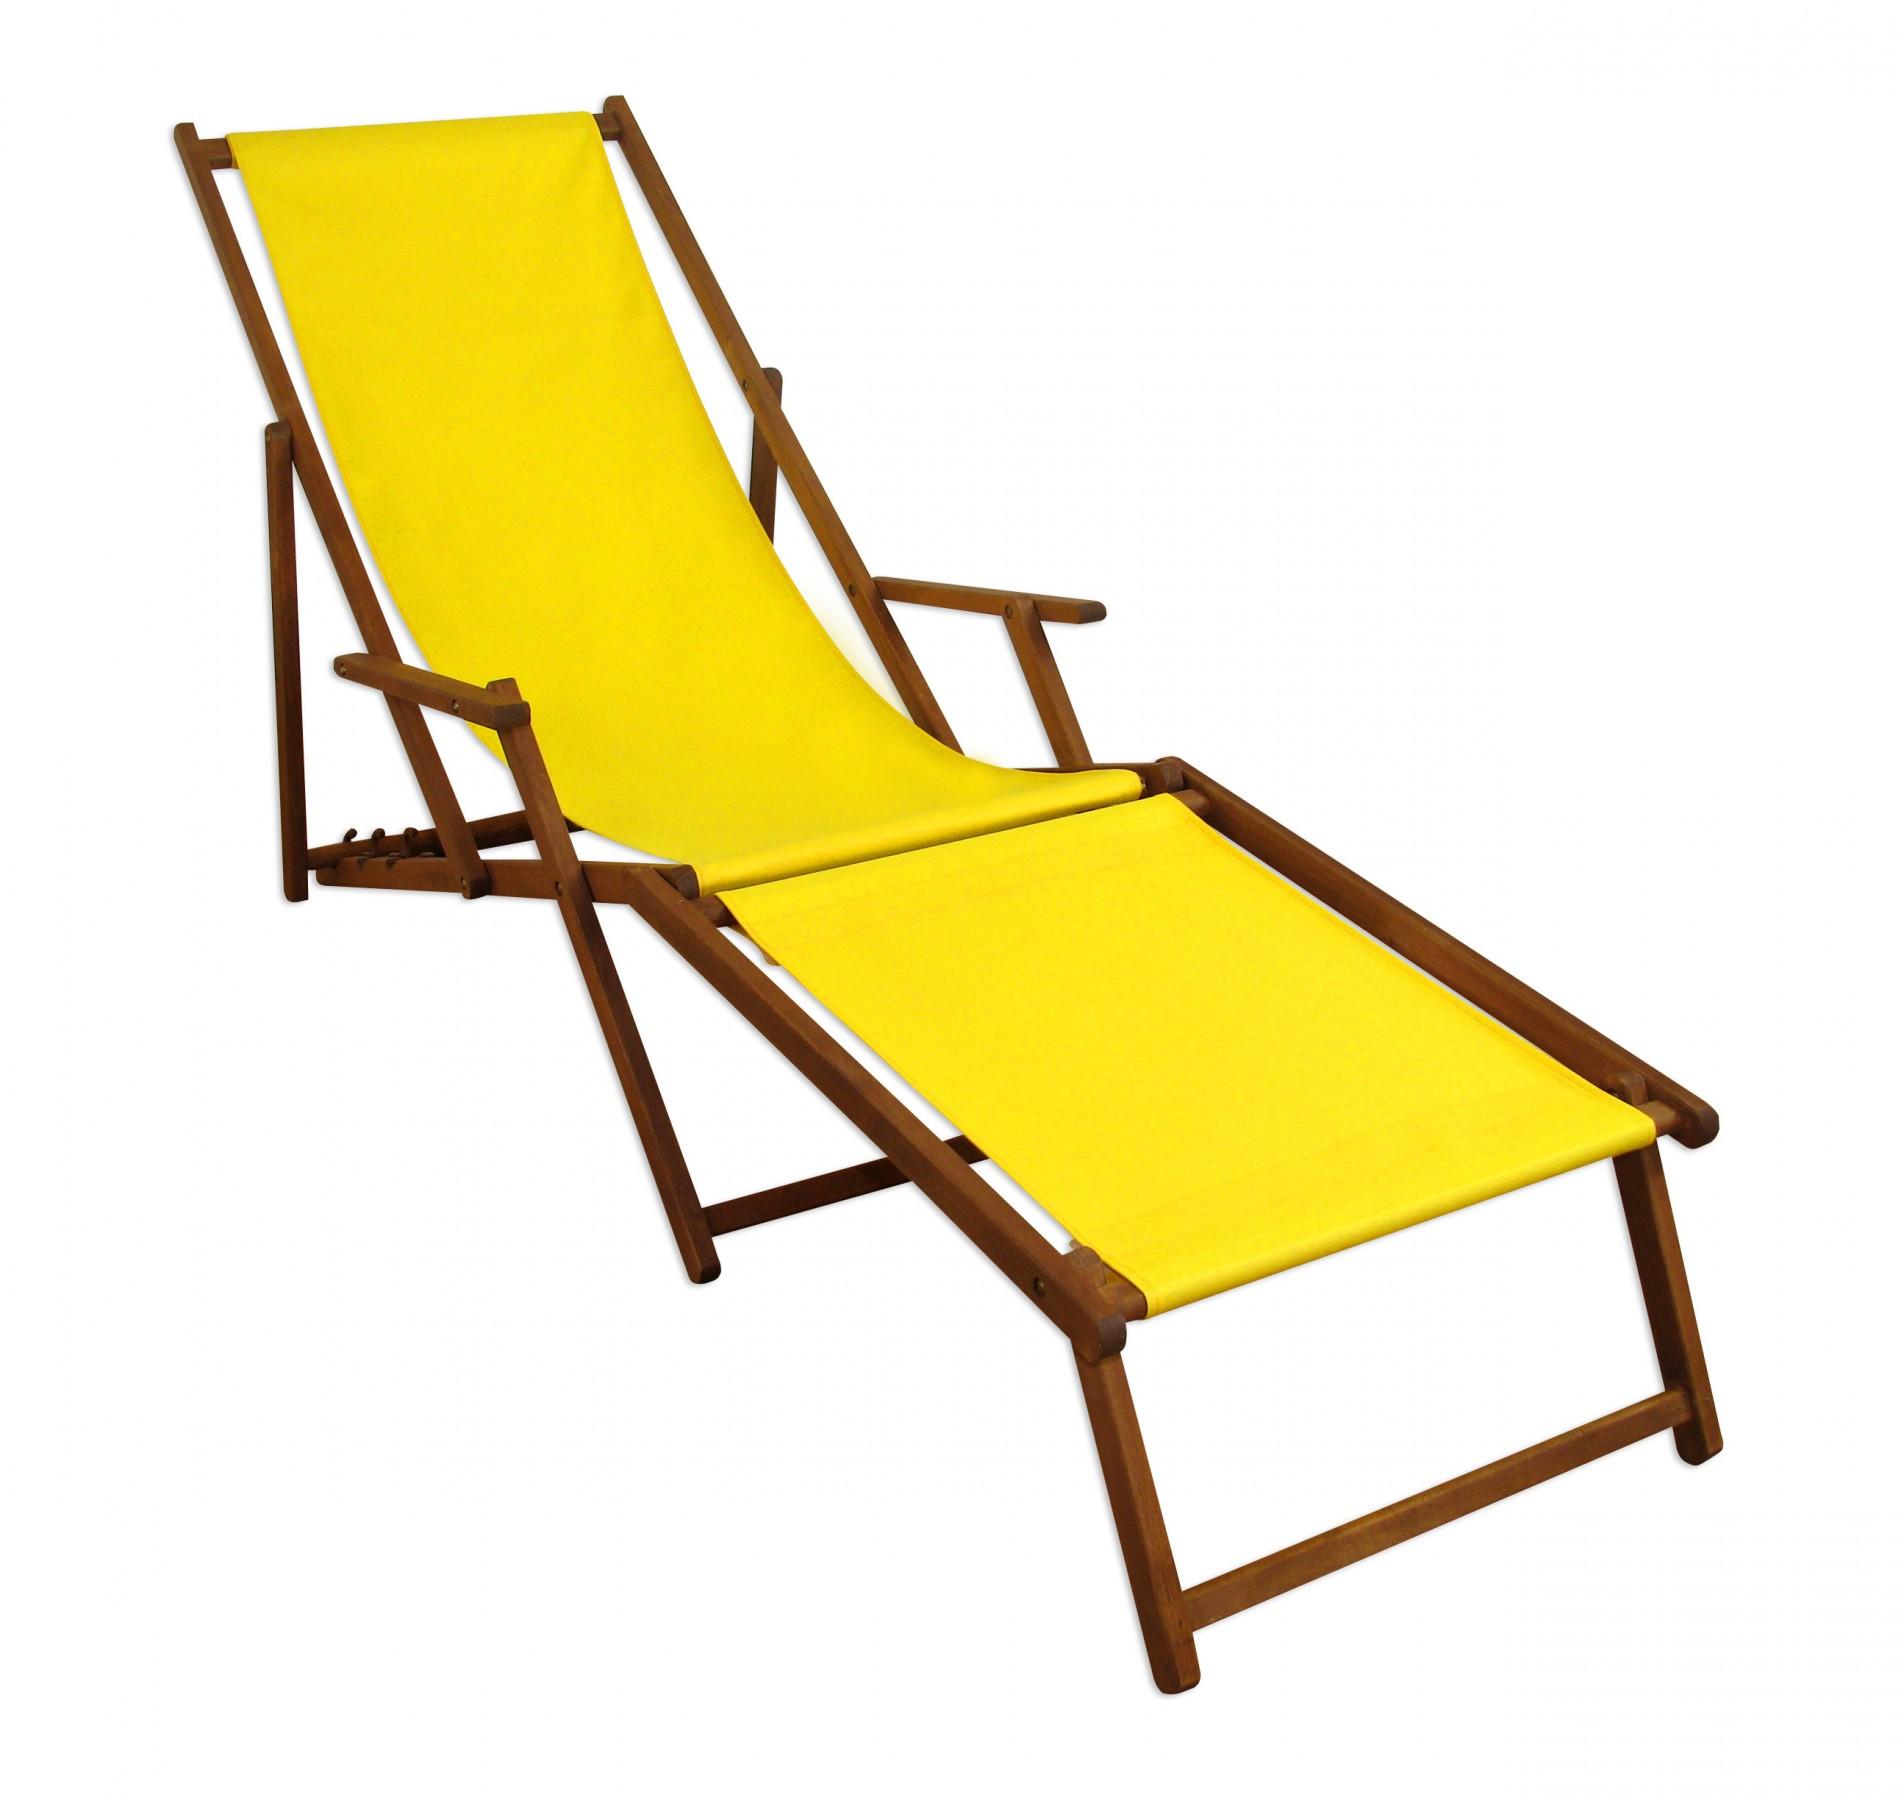 Full Size of Gartenliege Klappbar Gelb Liegestuhl Klappbare Sonnenliege Deckchair Bett Ausklappbar Ausklappbares Wohnzimmer Gartenliege Klappbar